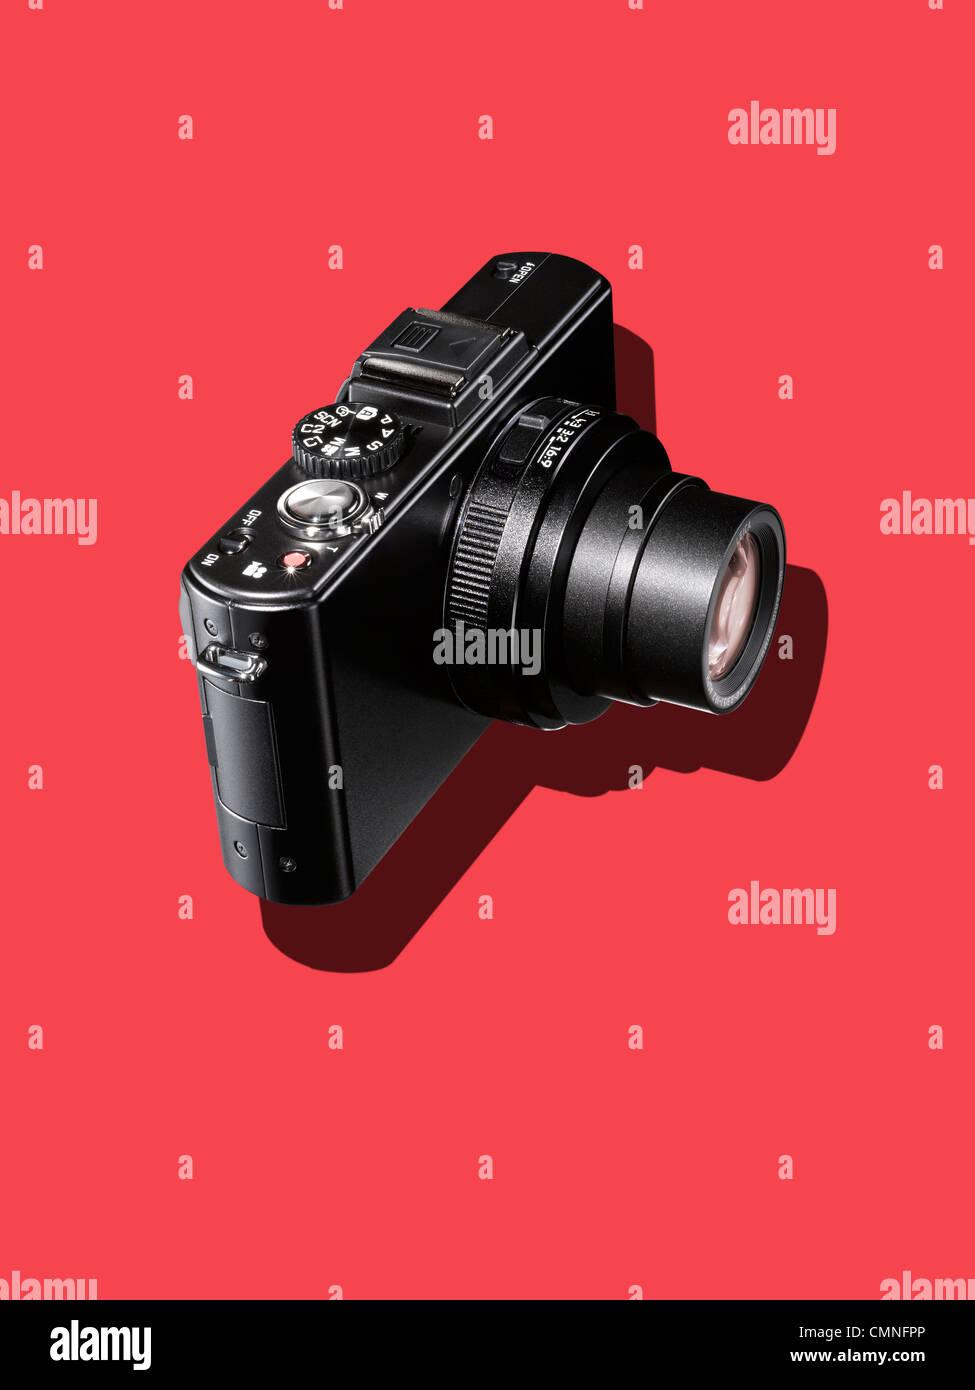 Einer schwarzen Kamera auf rotem Grund Stockbild